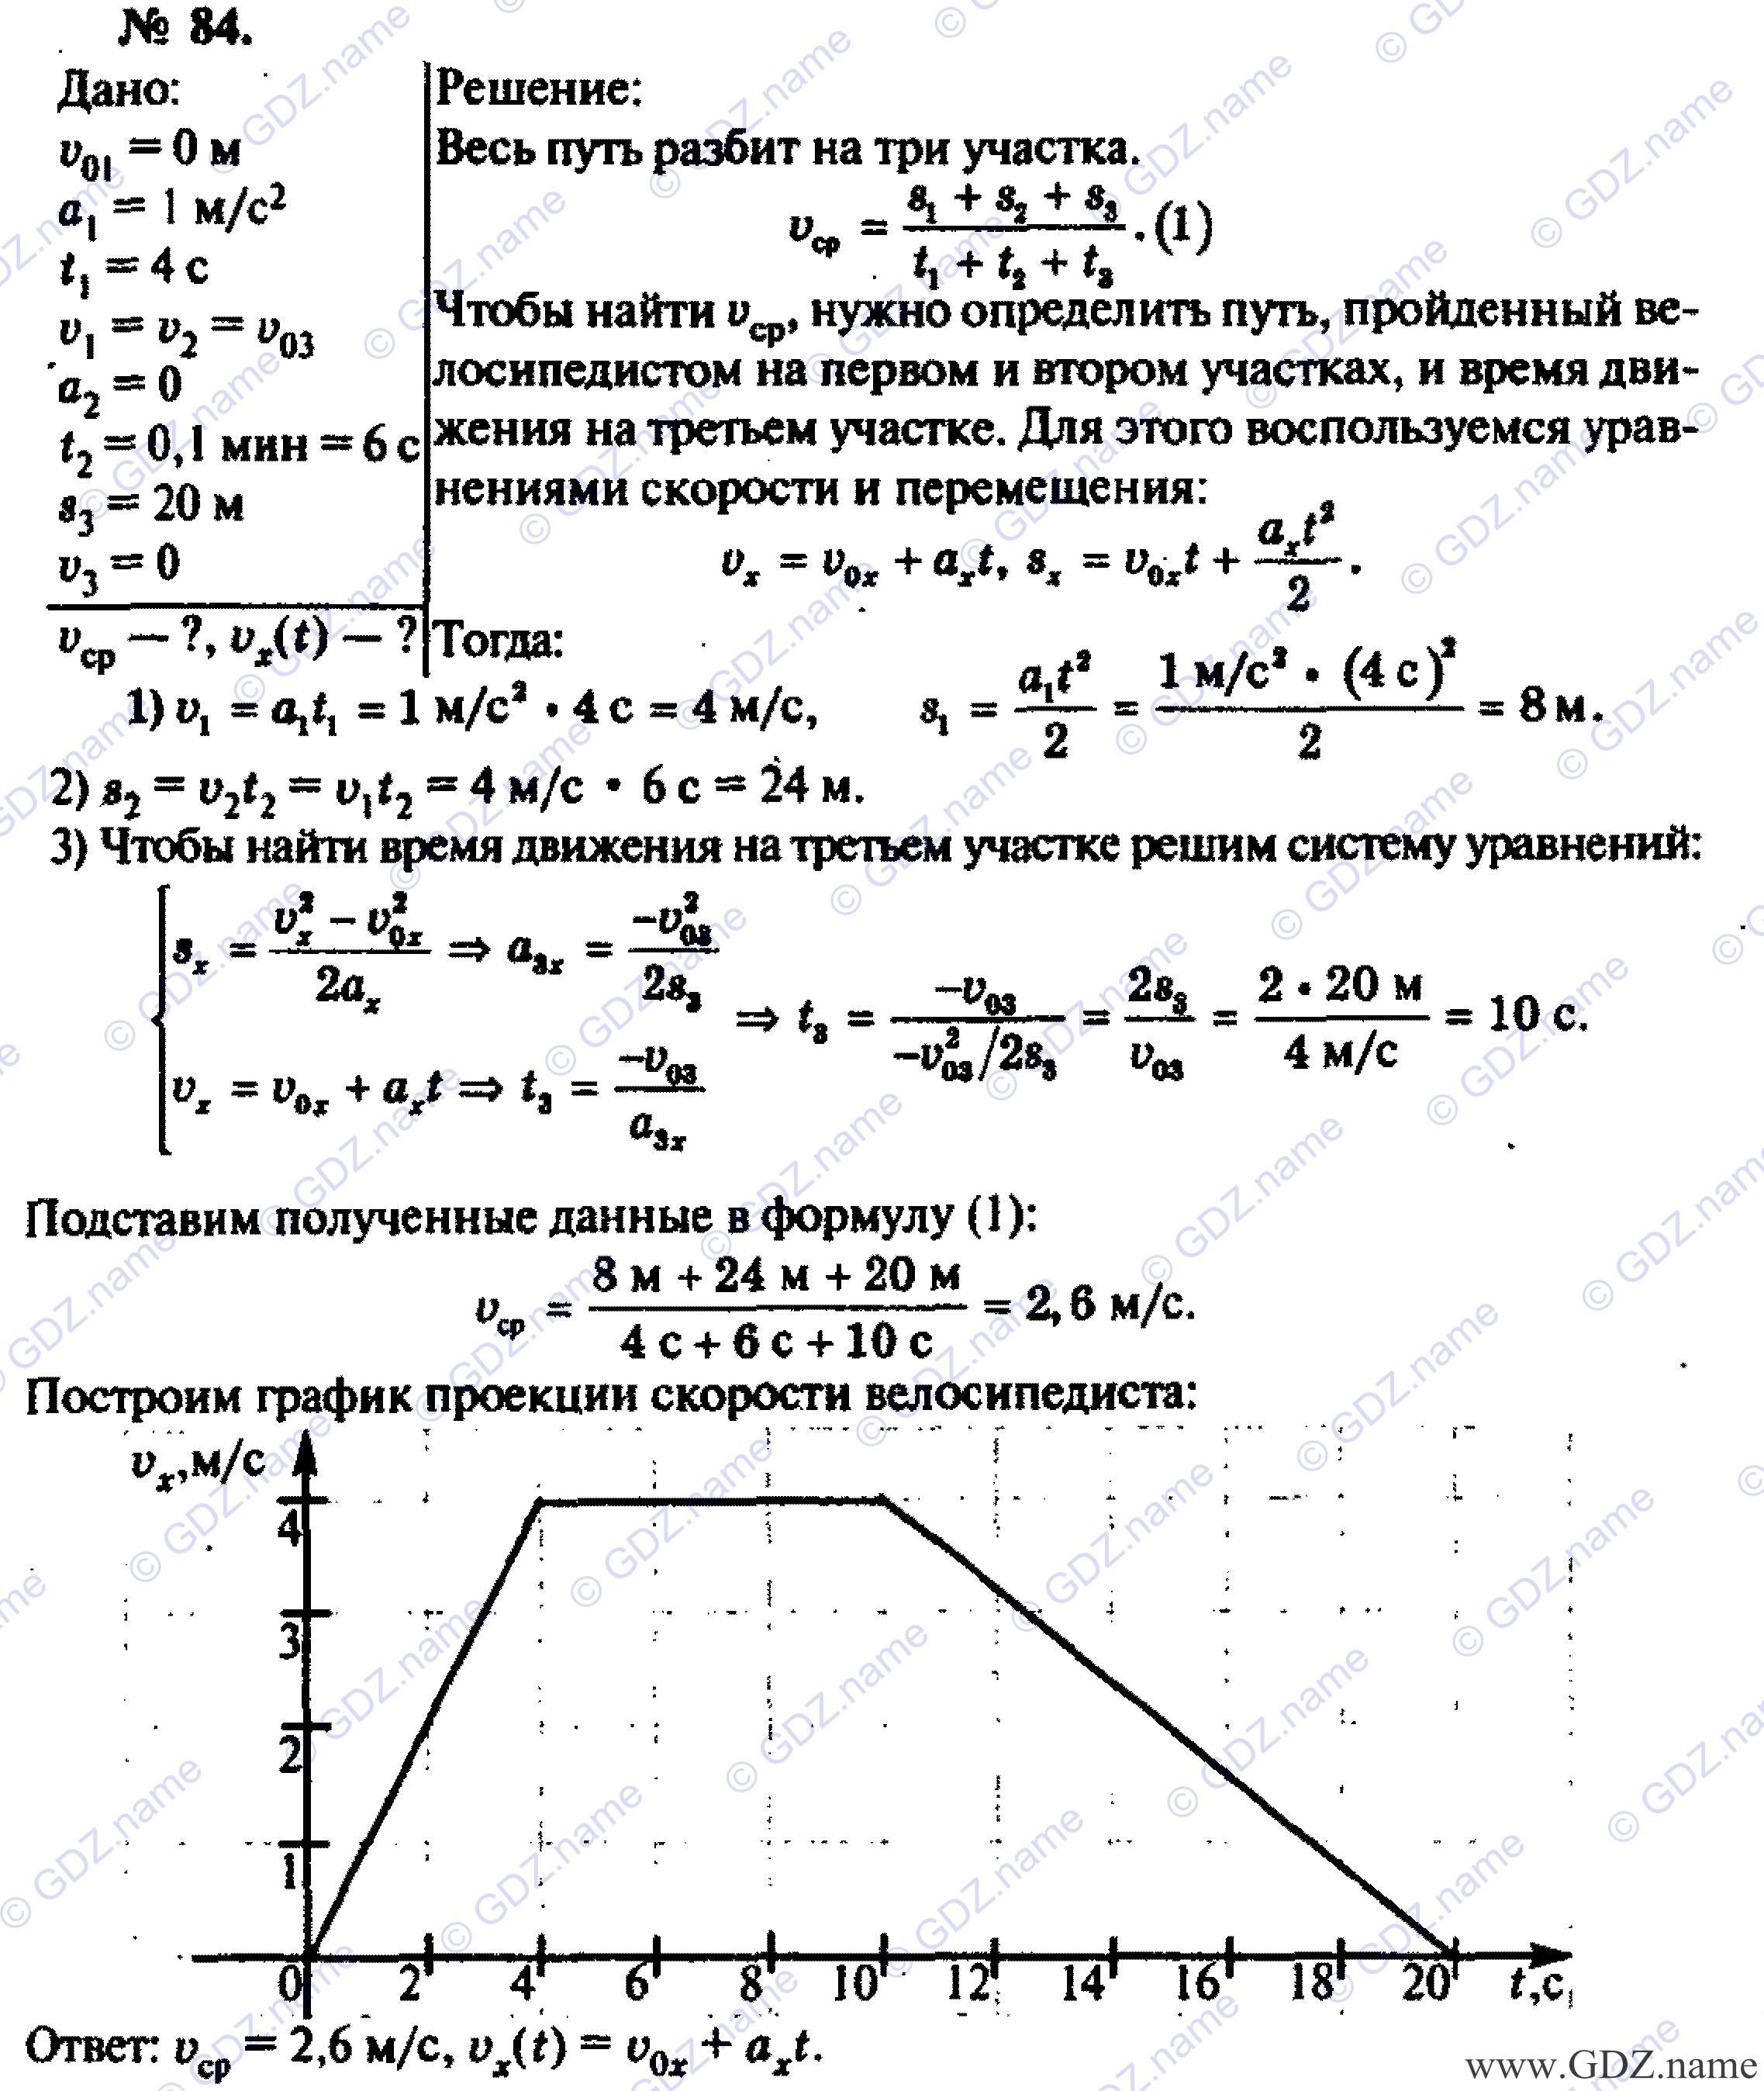 Гдз сборника задач по механике